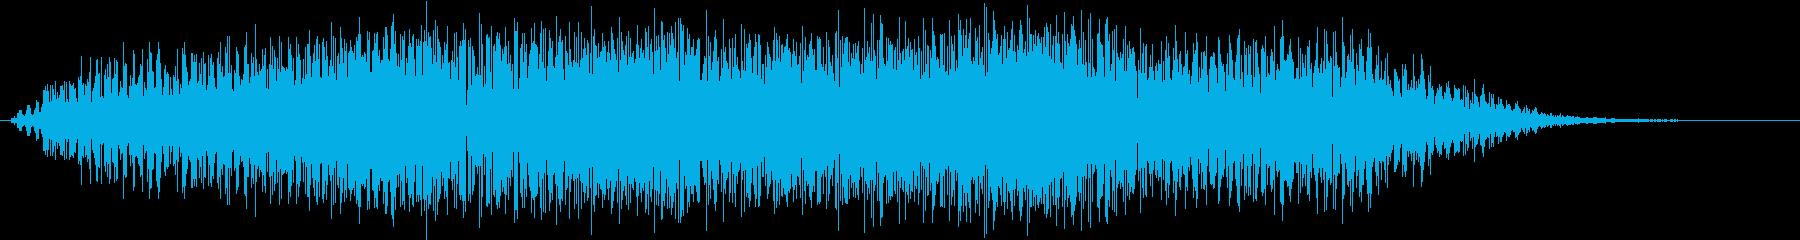 異空間ノイズの再生済みの波形